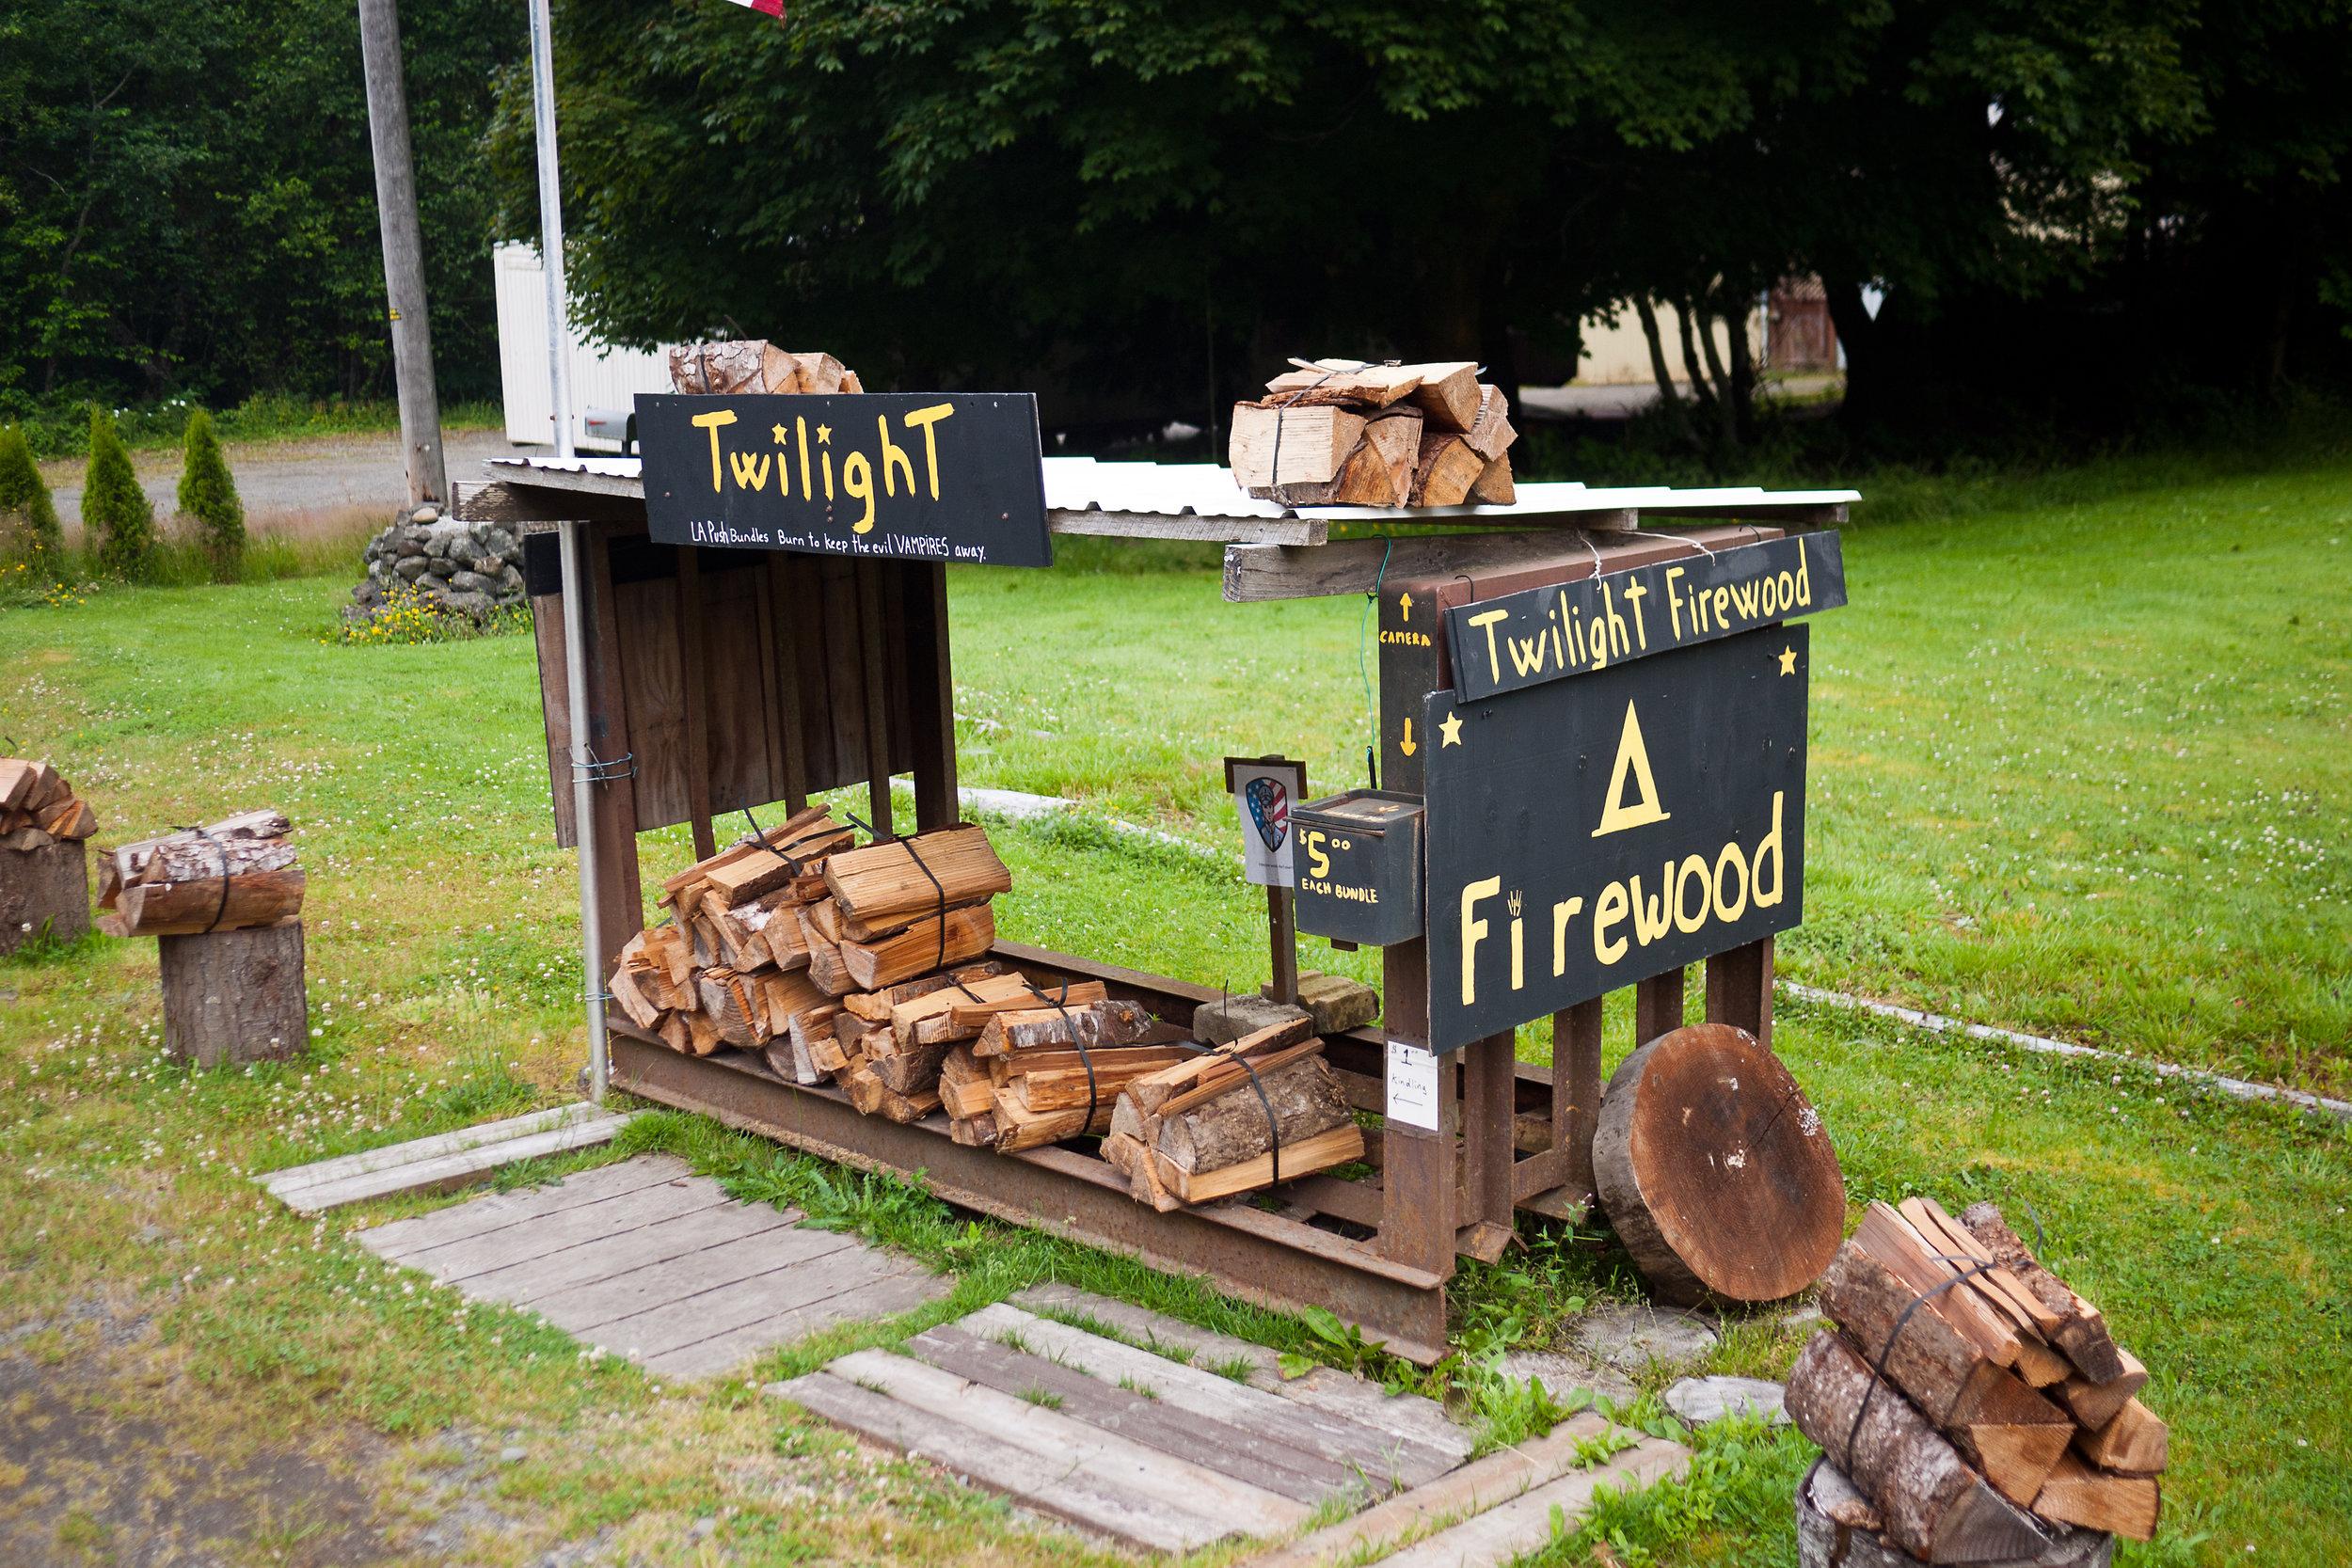 Twilight Firewood.jpg